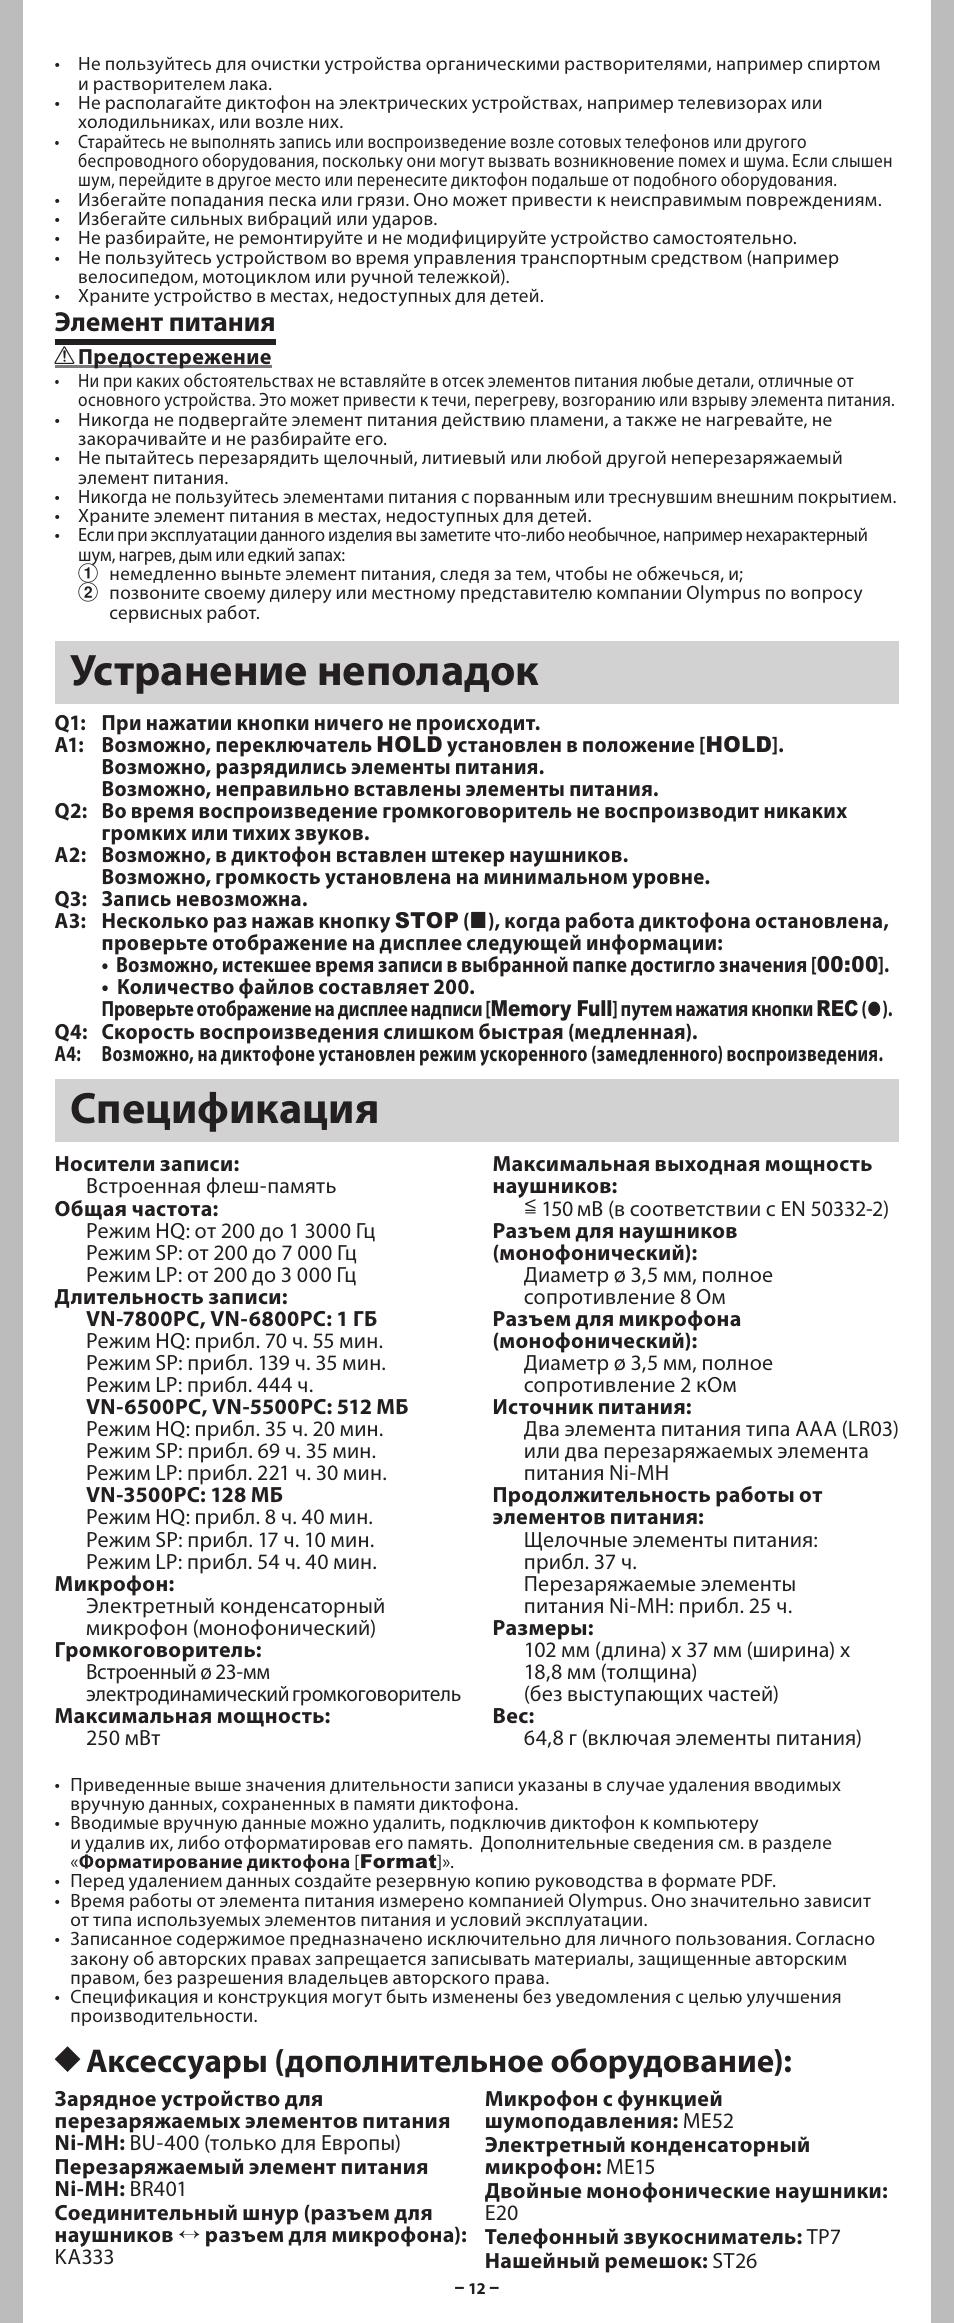 инструкция и схема на русском языке диктофона olympus vn-6800pc